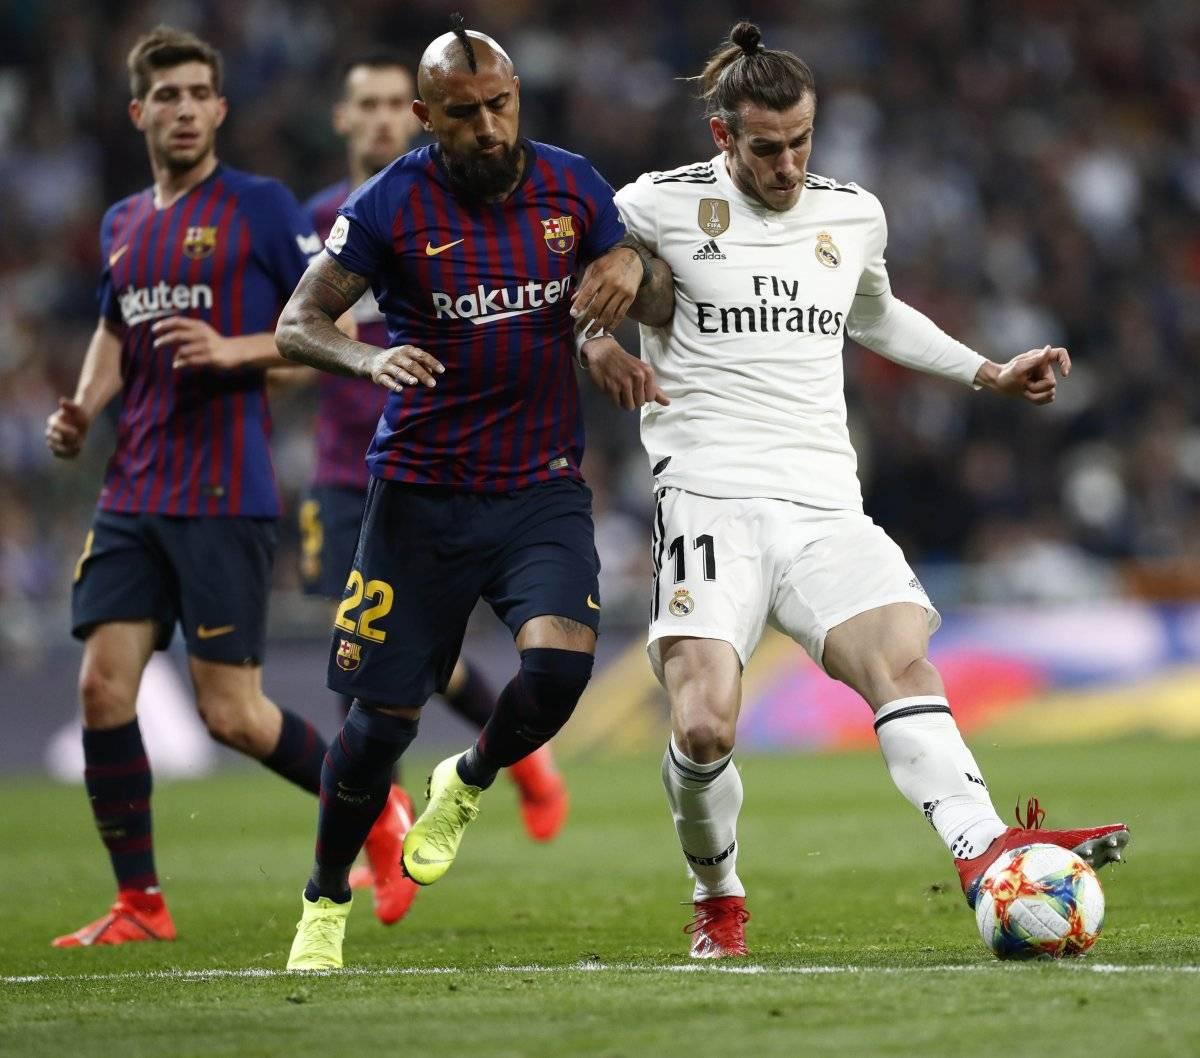 El Barcelona de Vidal animará el Derby español frente al Real Madrid /Imagen: Getty Images